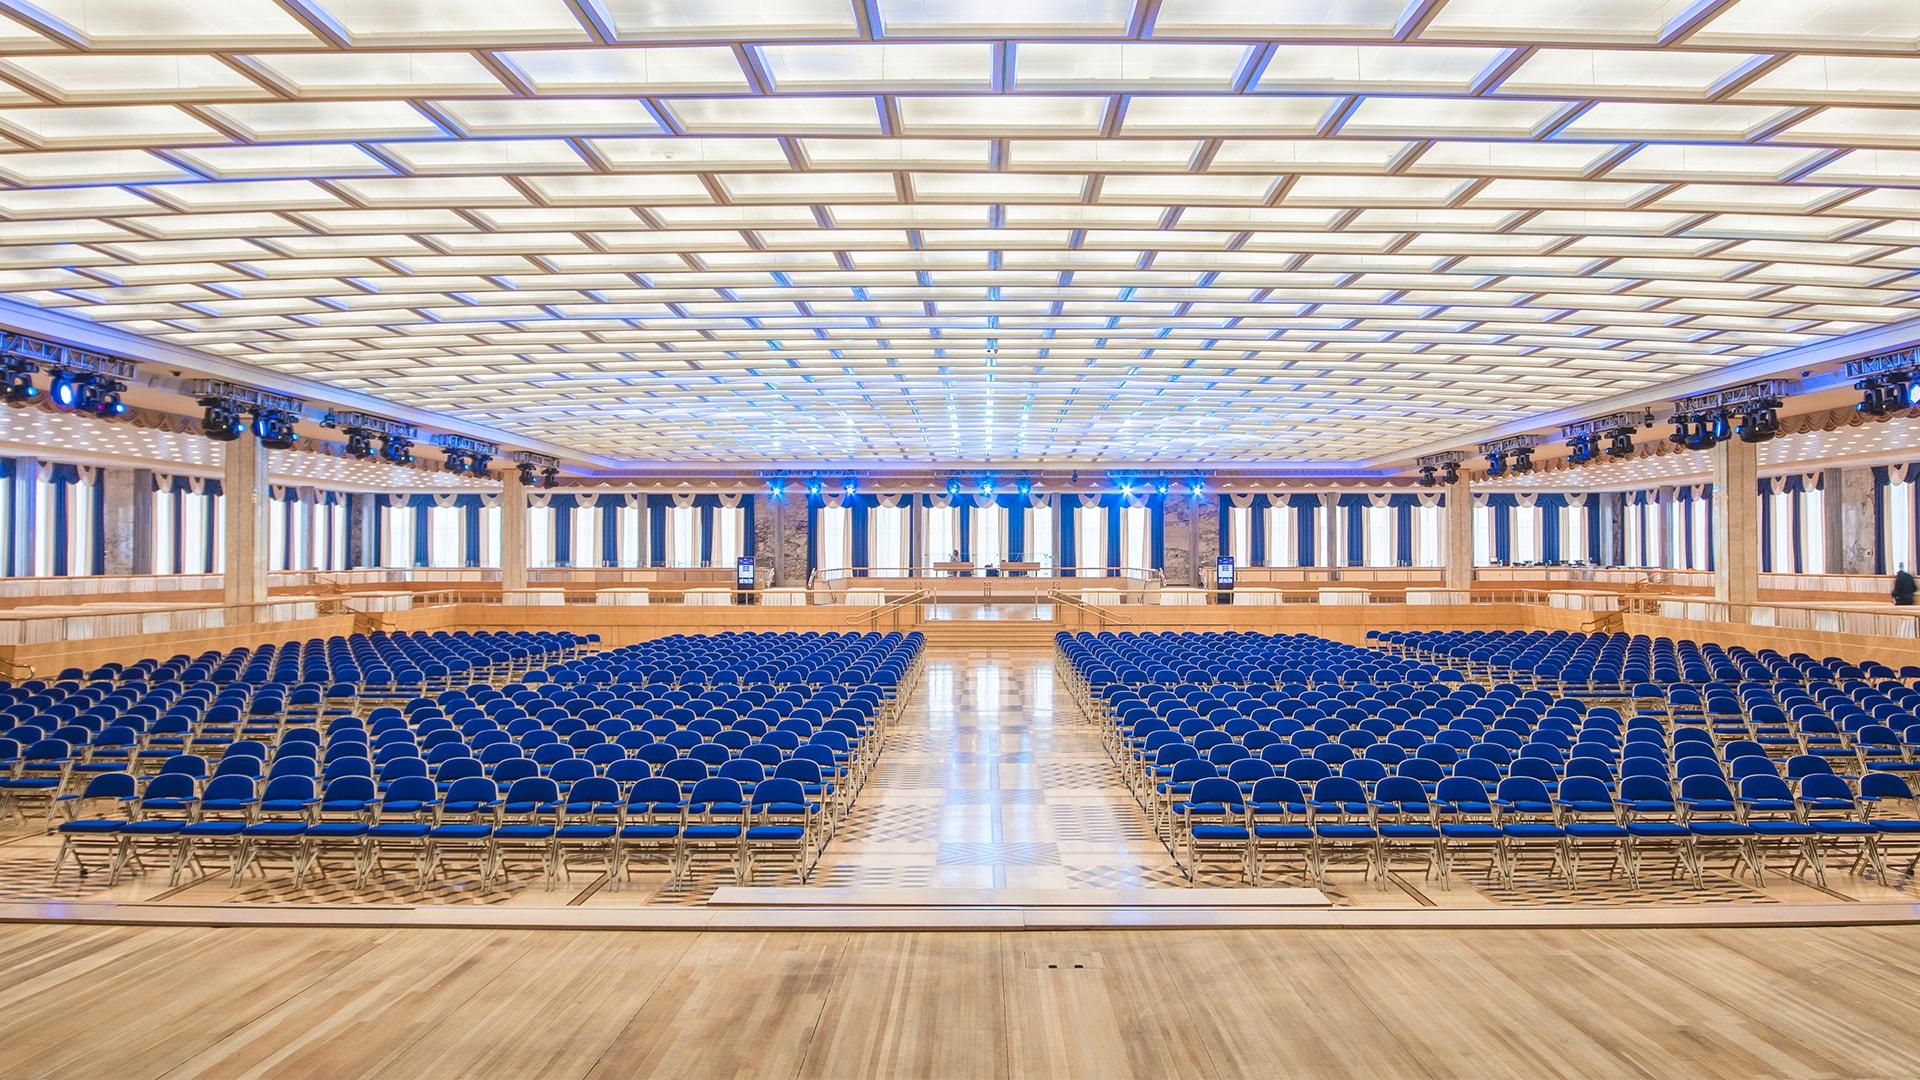 зал кремлевского дворца картинка выбрать светильники для